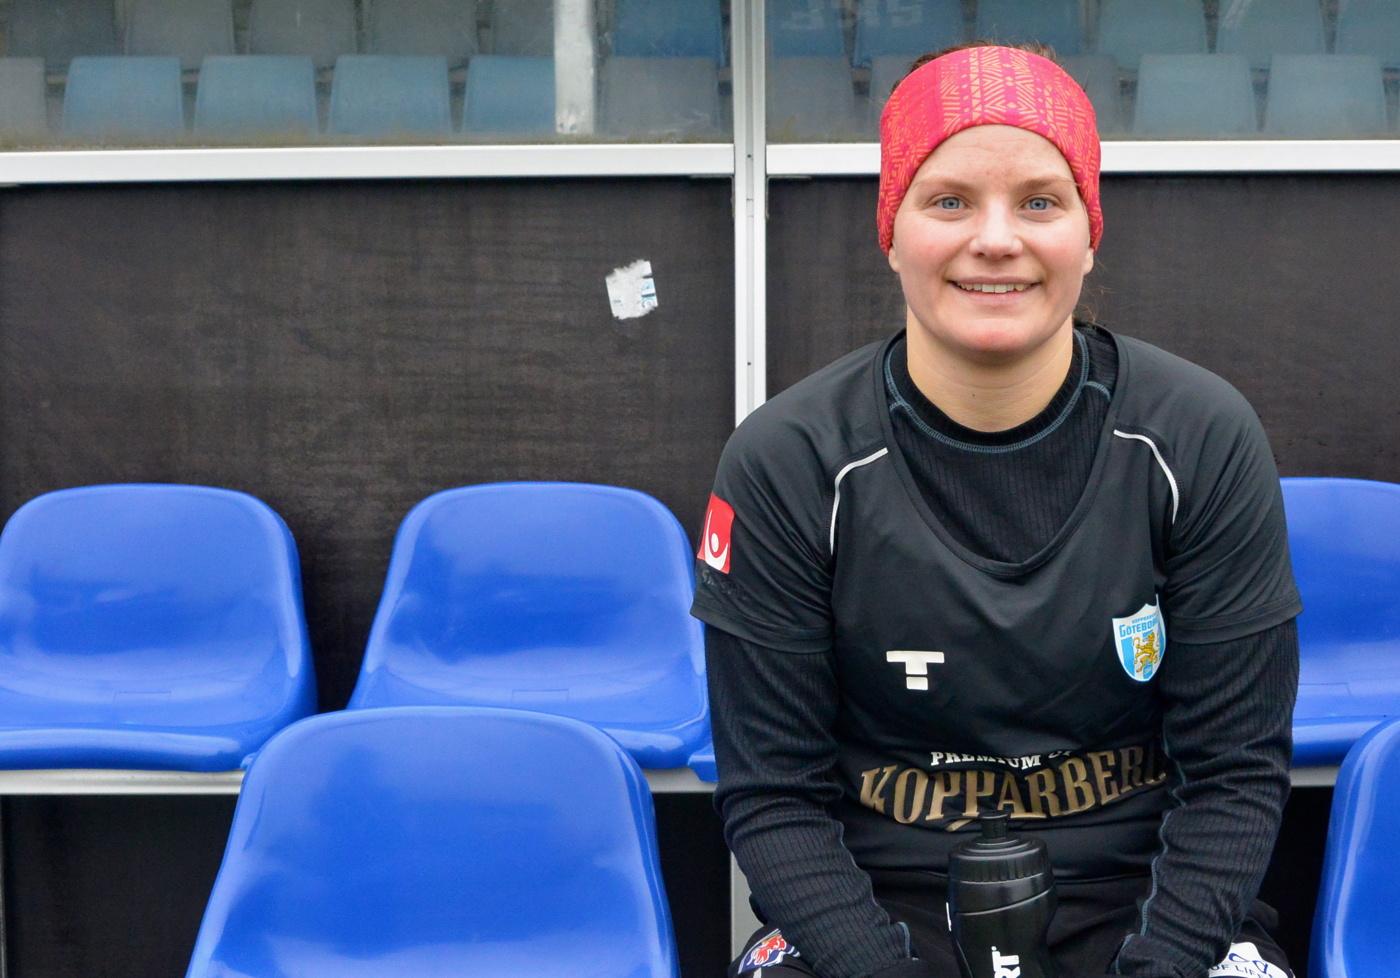 Johanna larsson glanste direkt i bastad